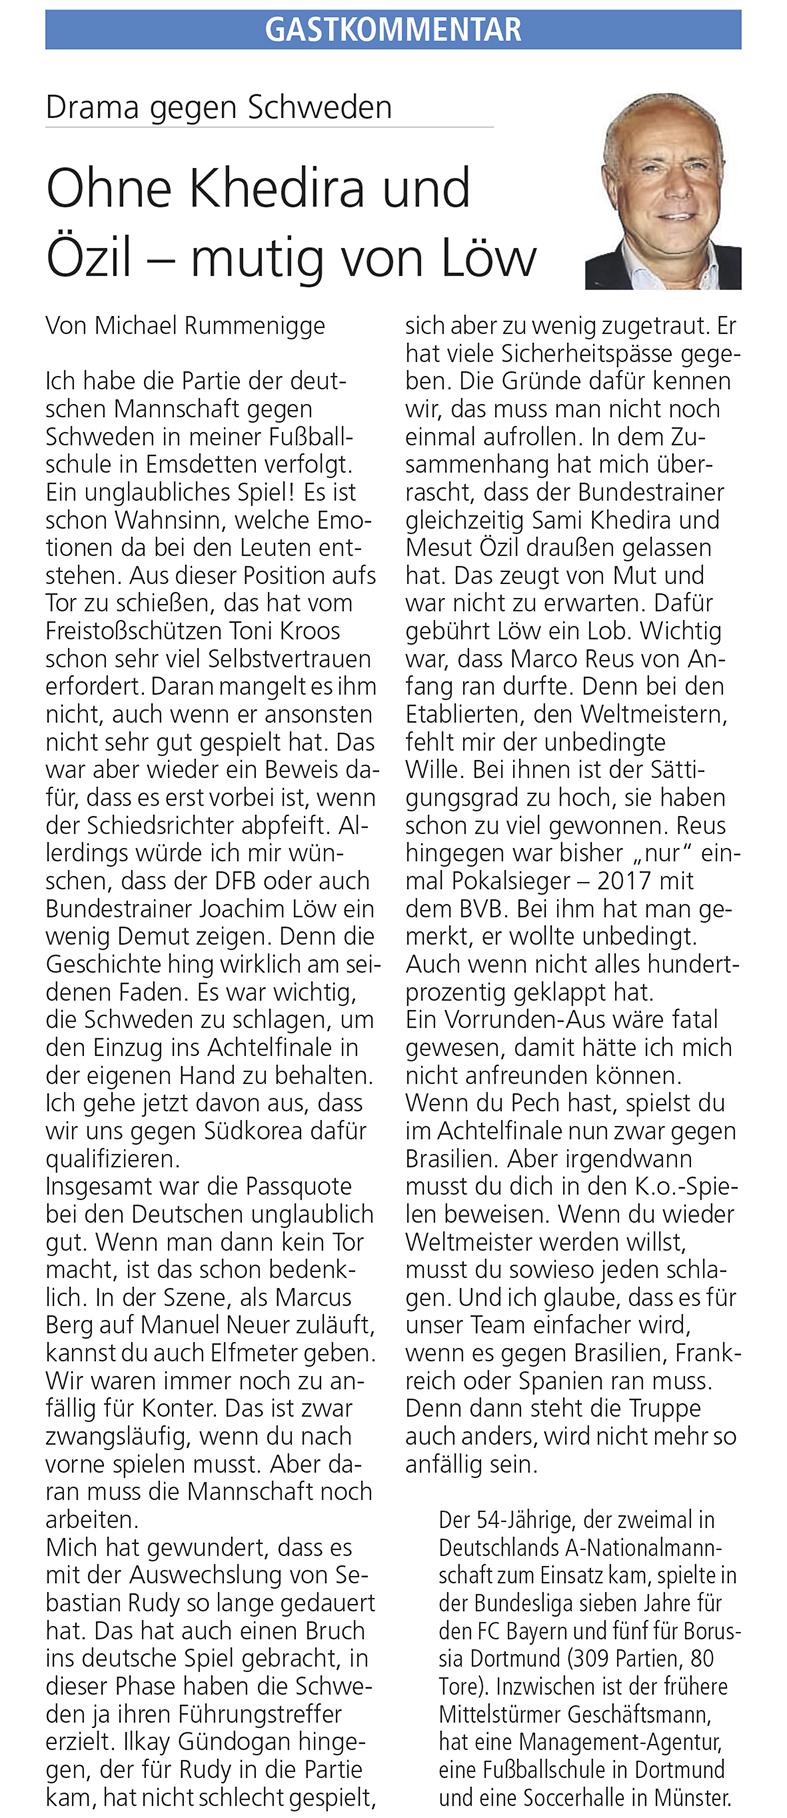 Mutig von Löw – Gastkommentar zum WM-Gruppenspiel Deutschland gegen Schweden